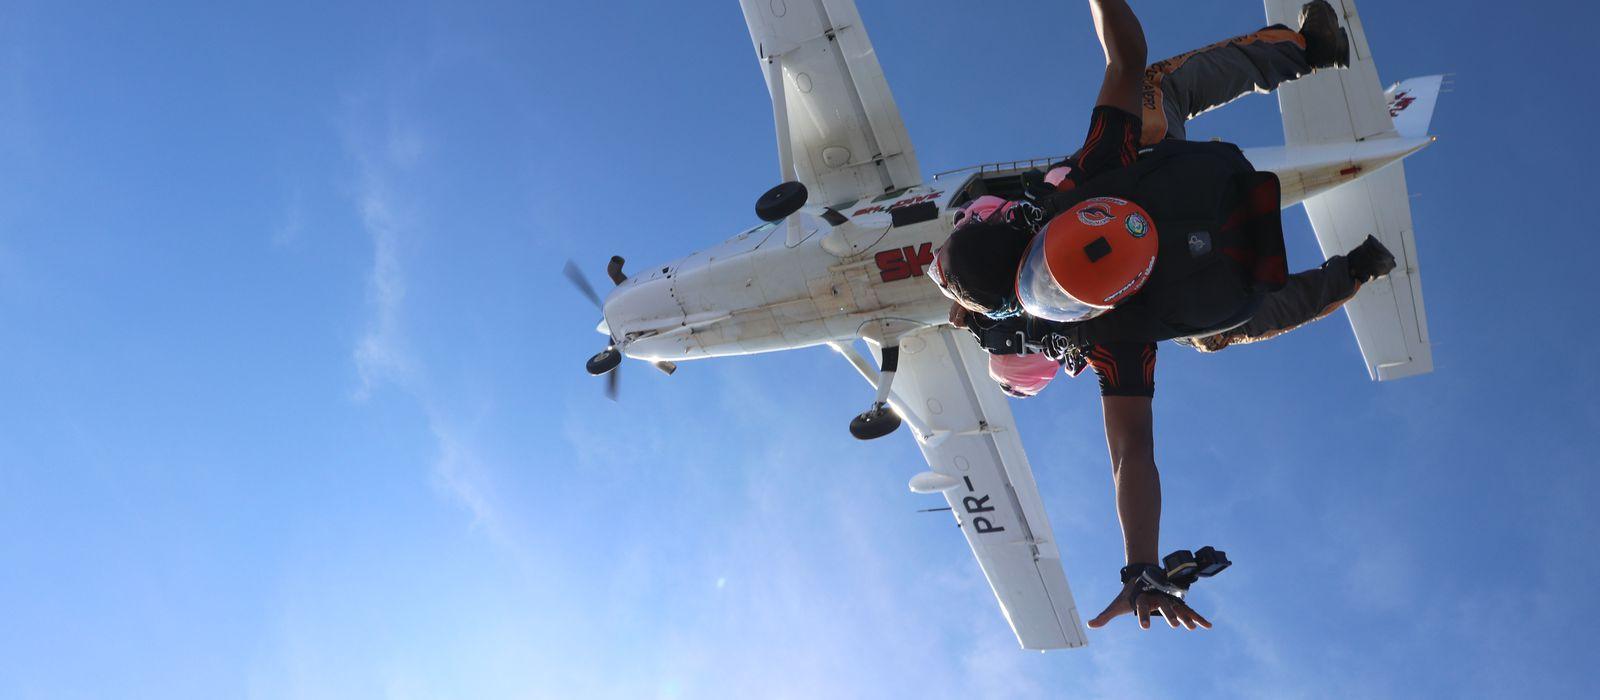 Salto livre de paraquedas!